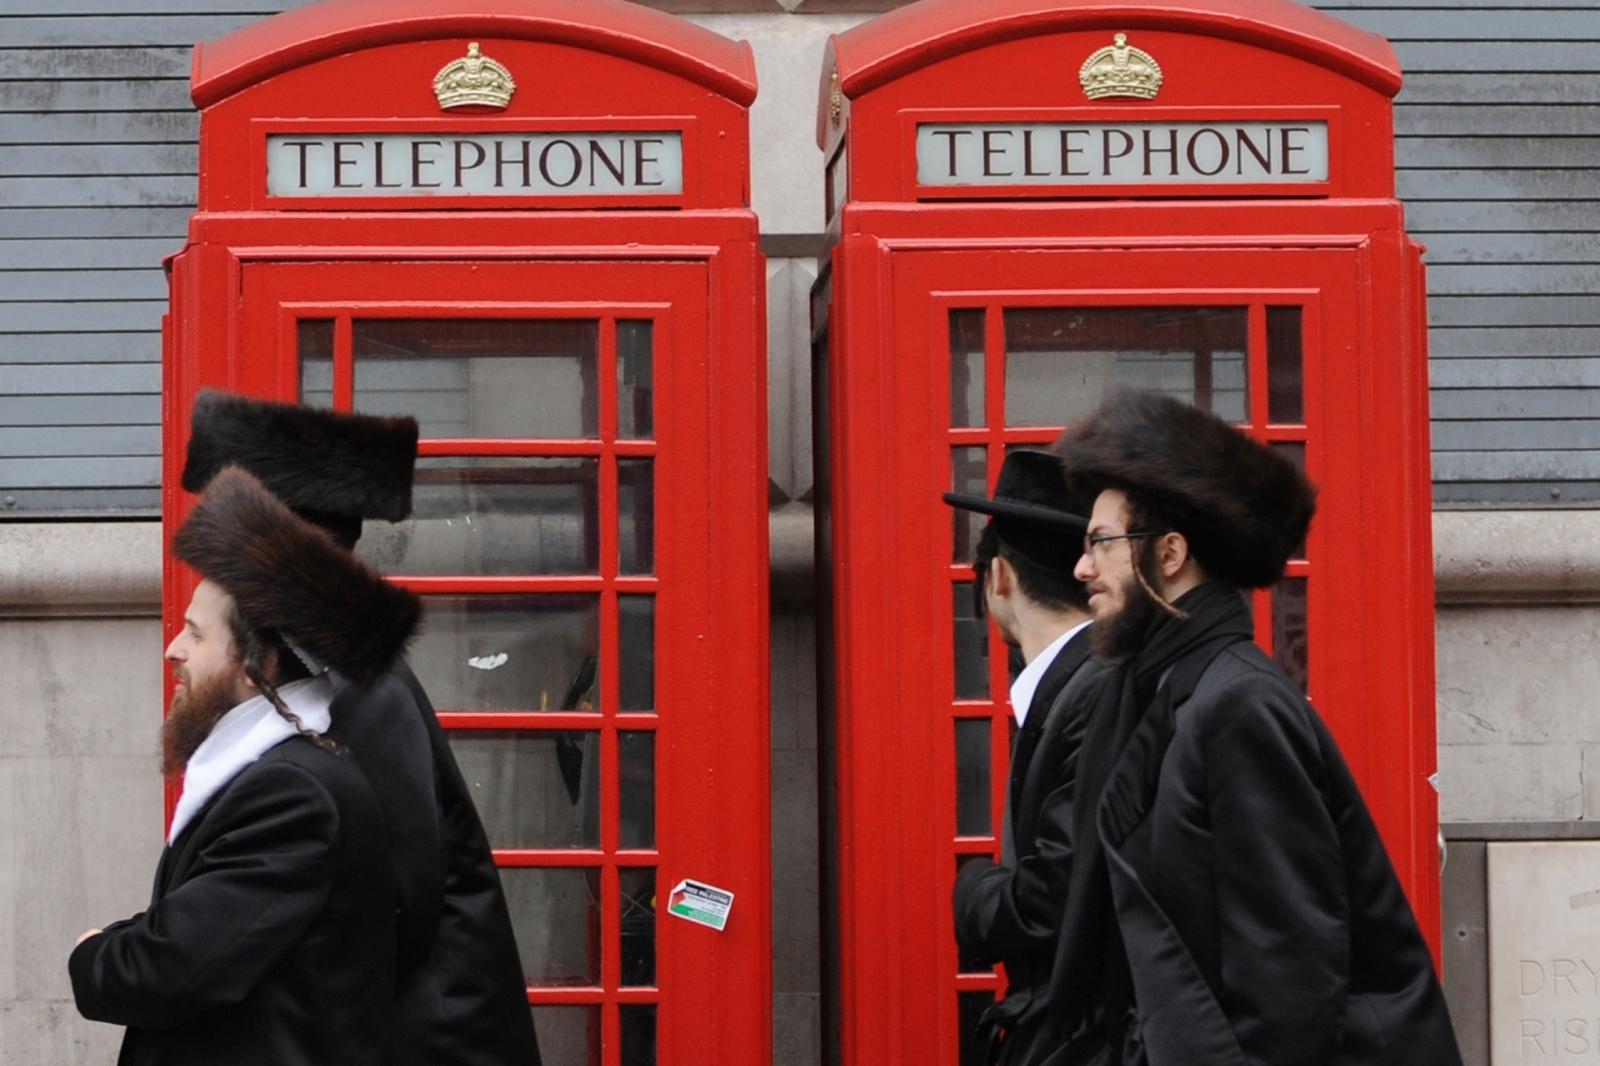 Orthodox Jews London